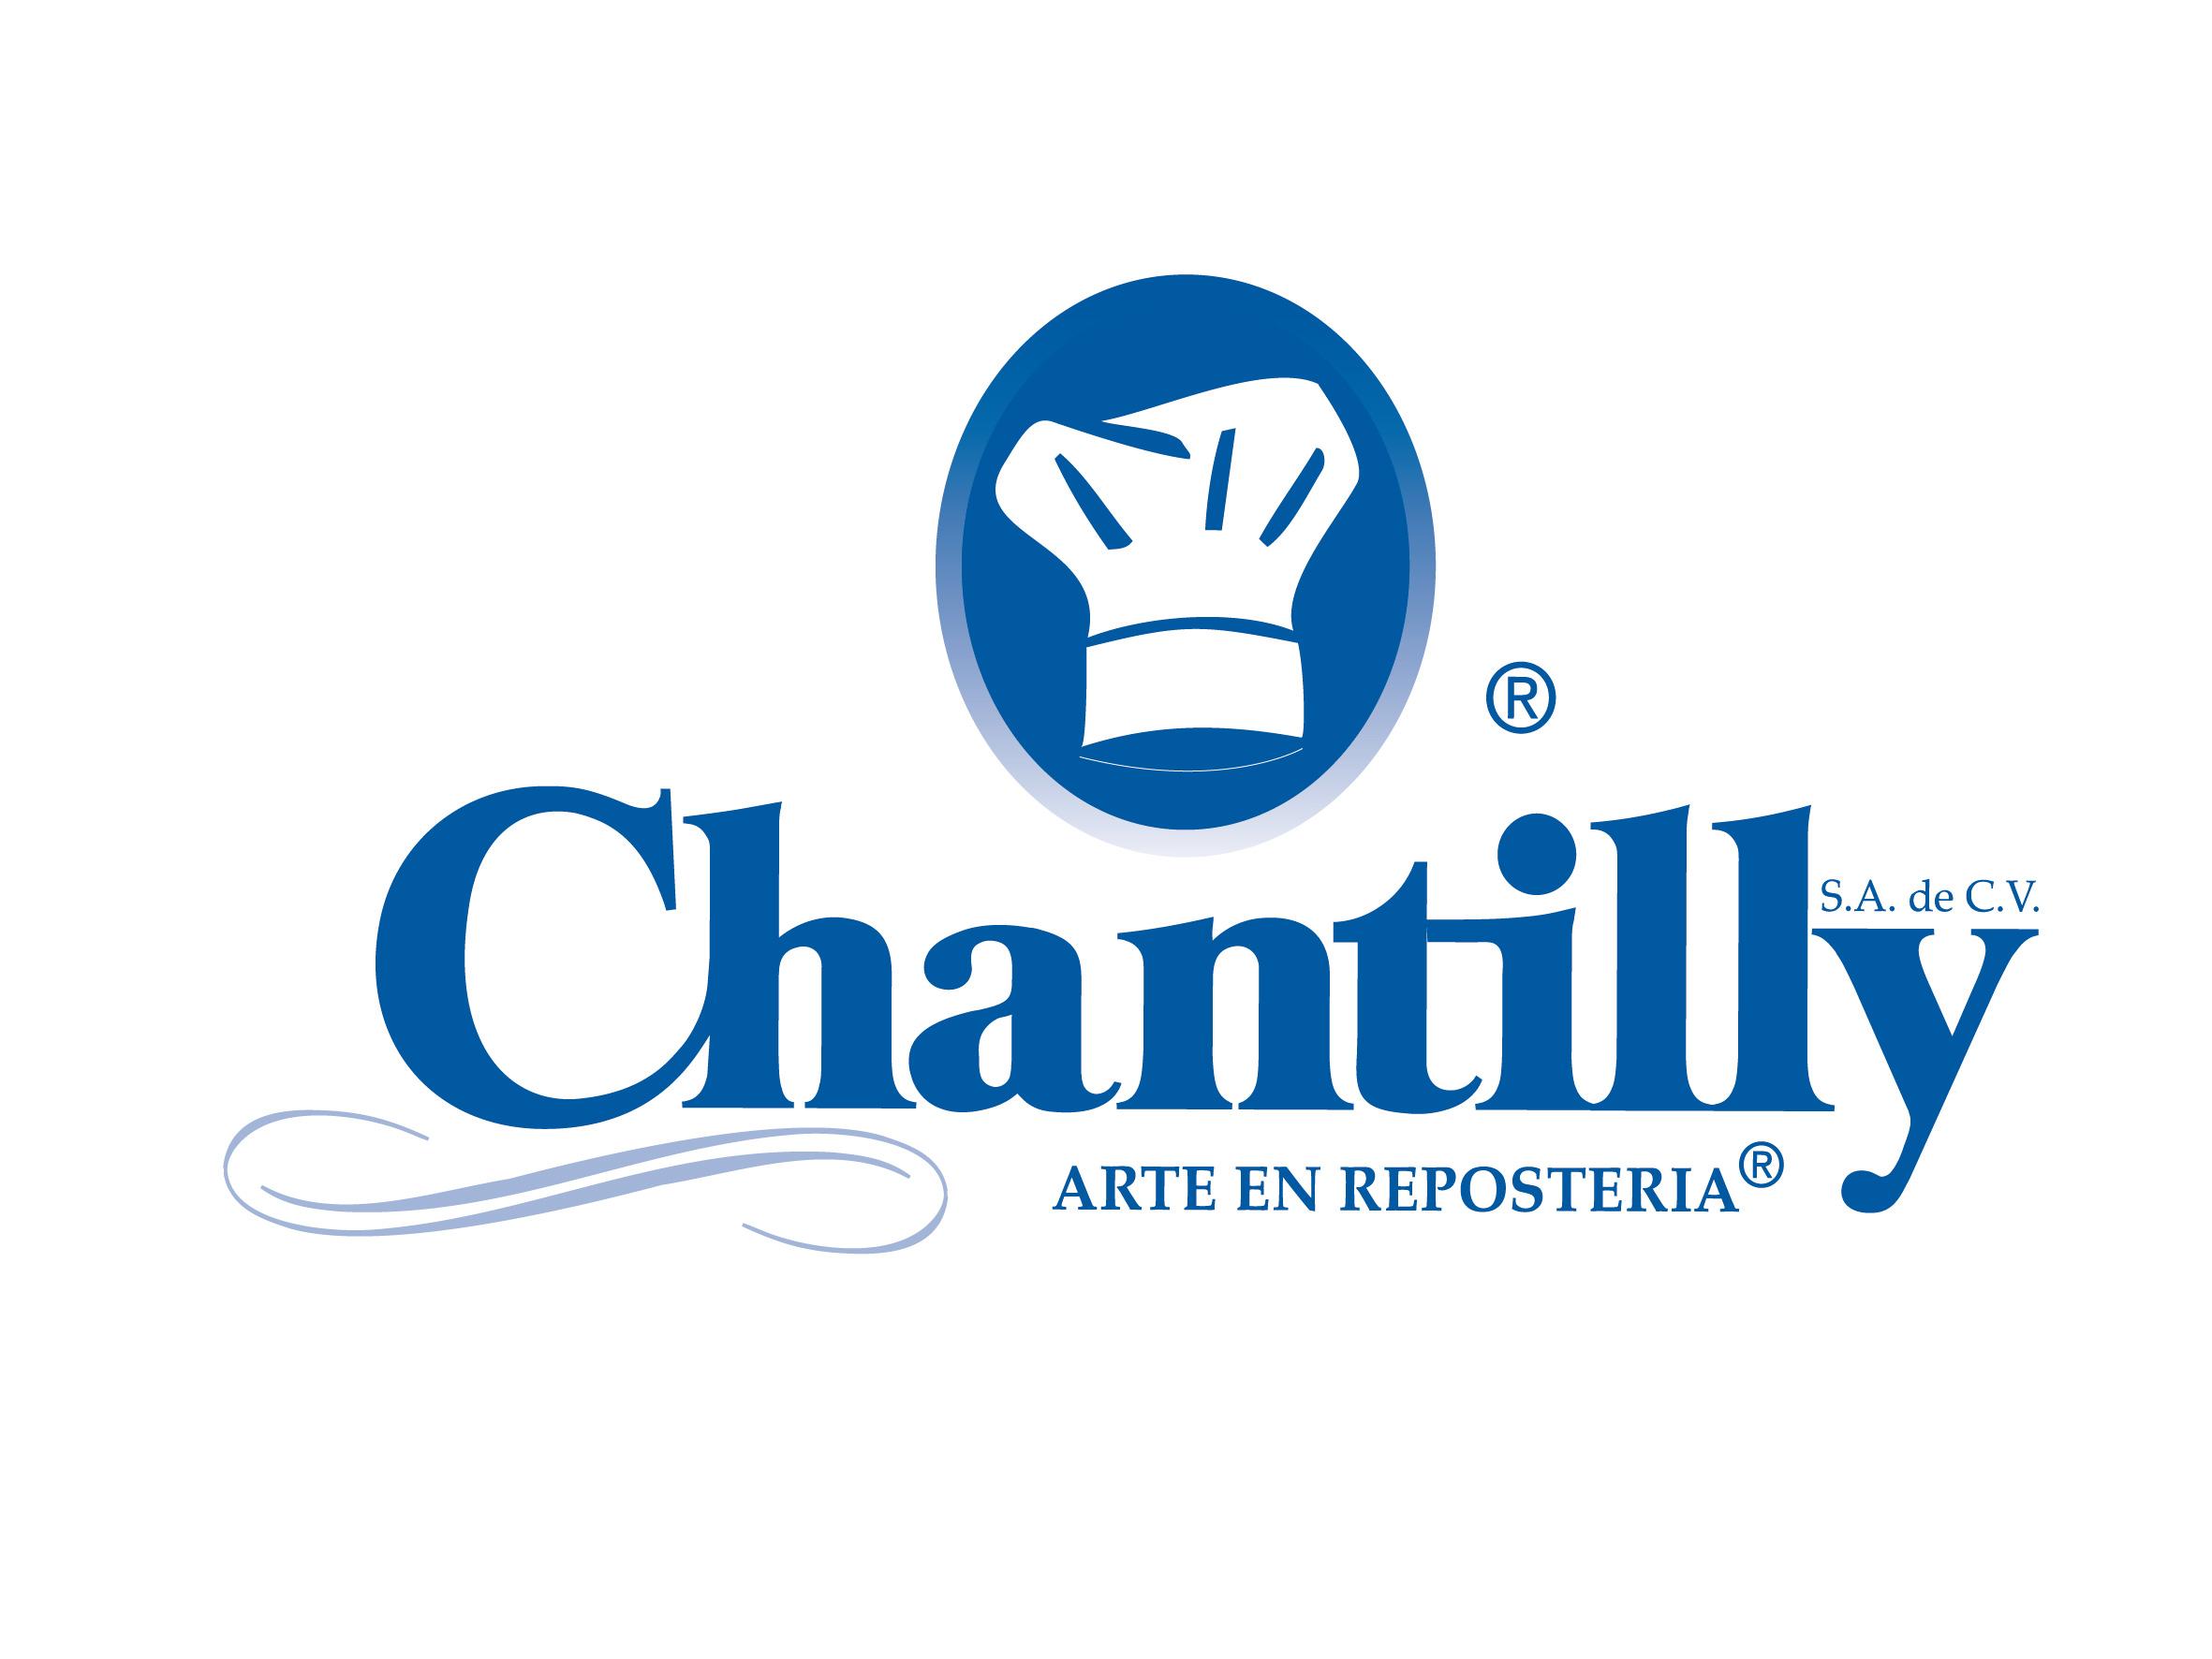 Chantilly, S.A. de C.V.